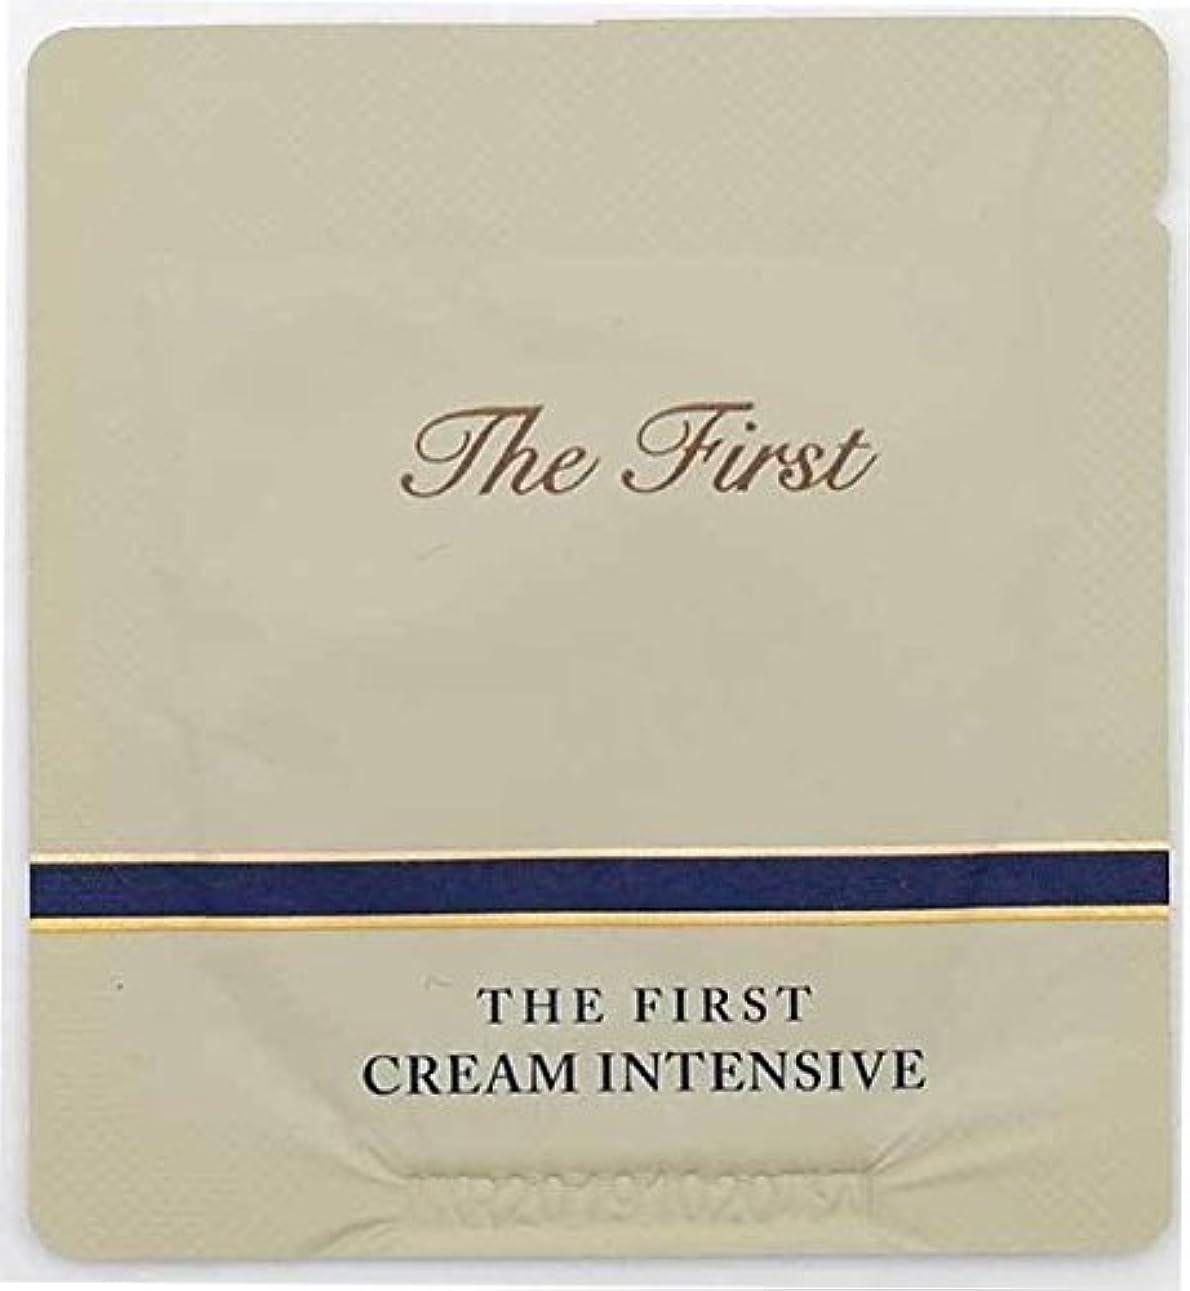 スナック蒸し器市長[サンプル] OHUI The First Cream intensive 1ml × 30ea/オフィ ザ ファースト クリーム インテンシブ 1ml × 30個